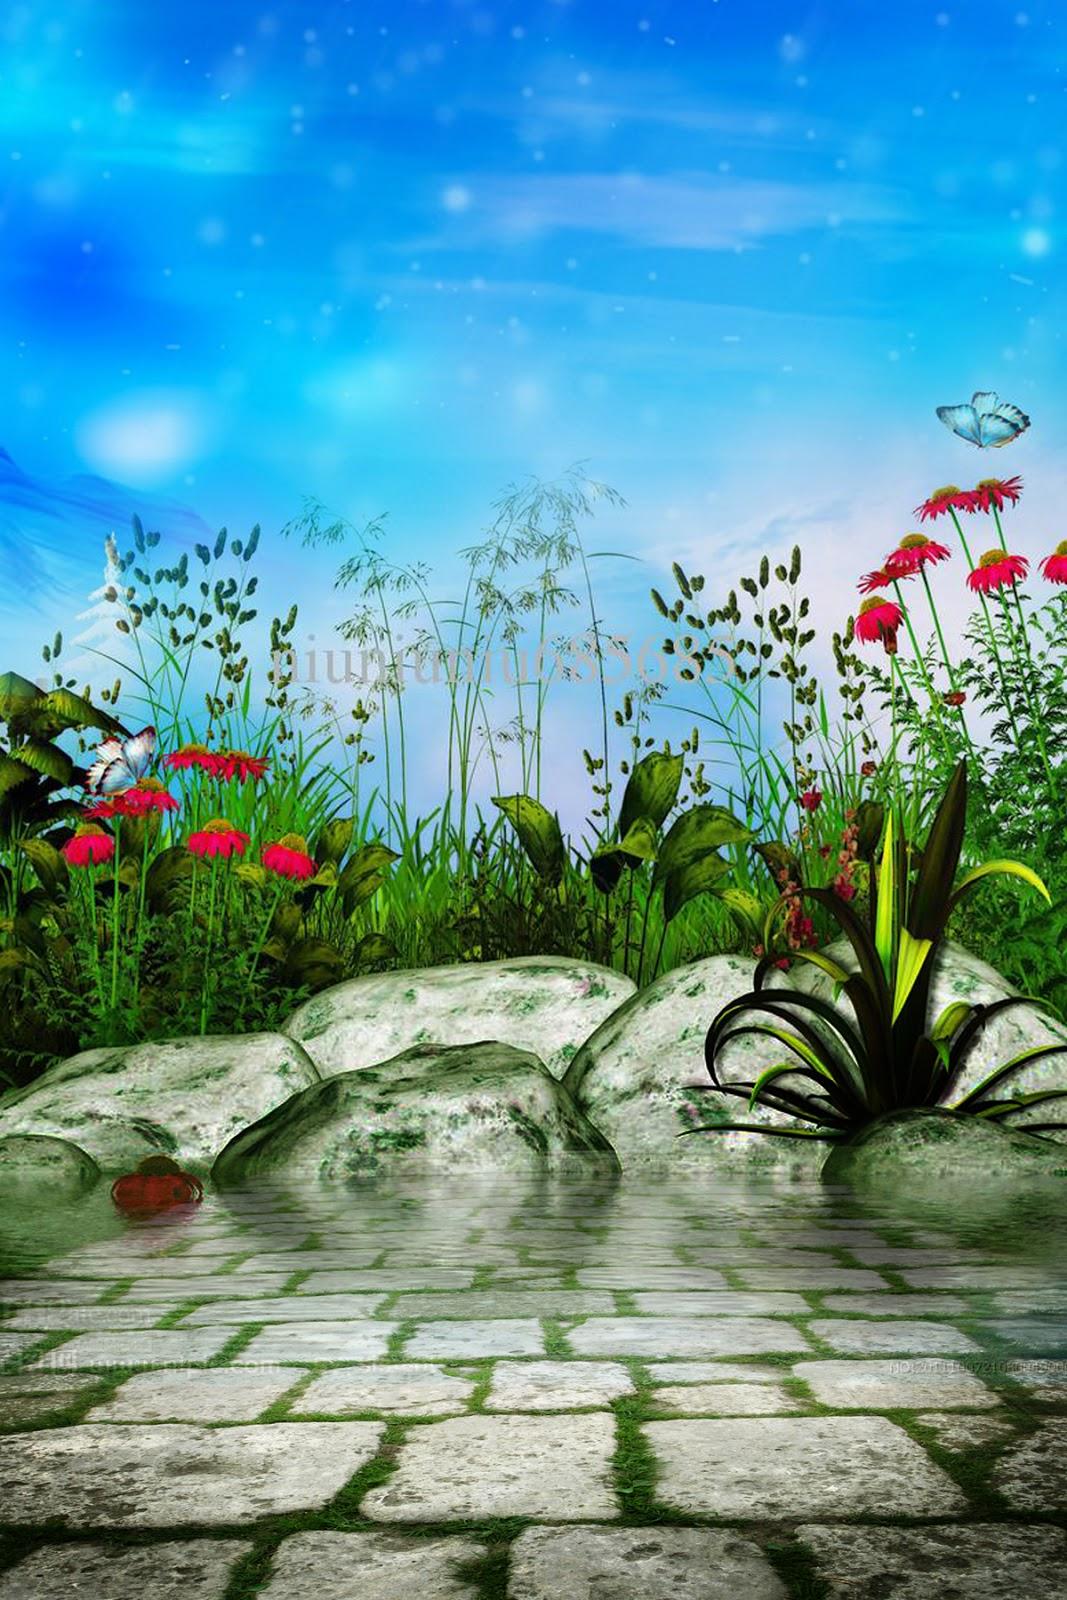 Photo Studio Backgrounds